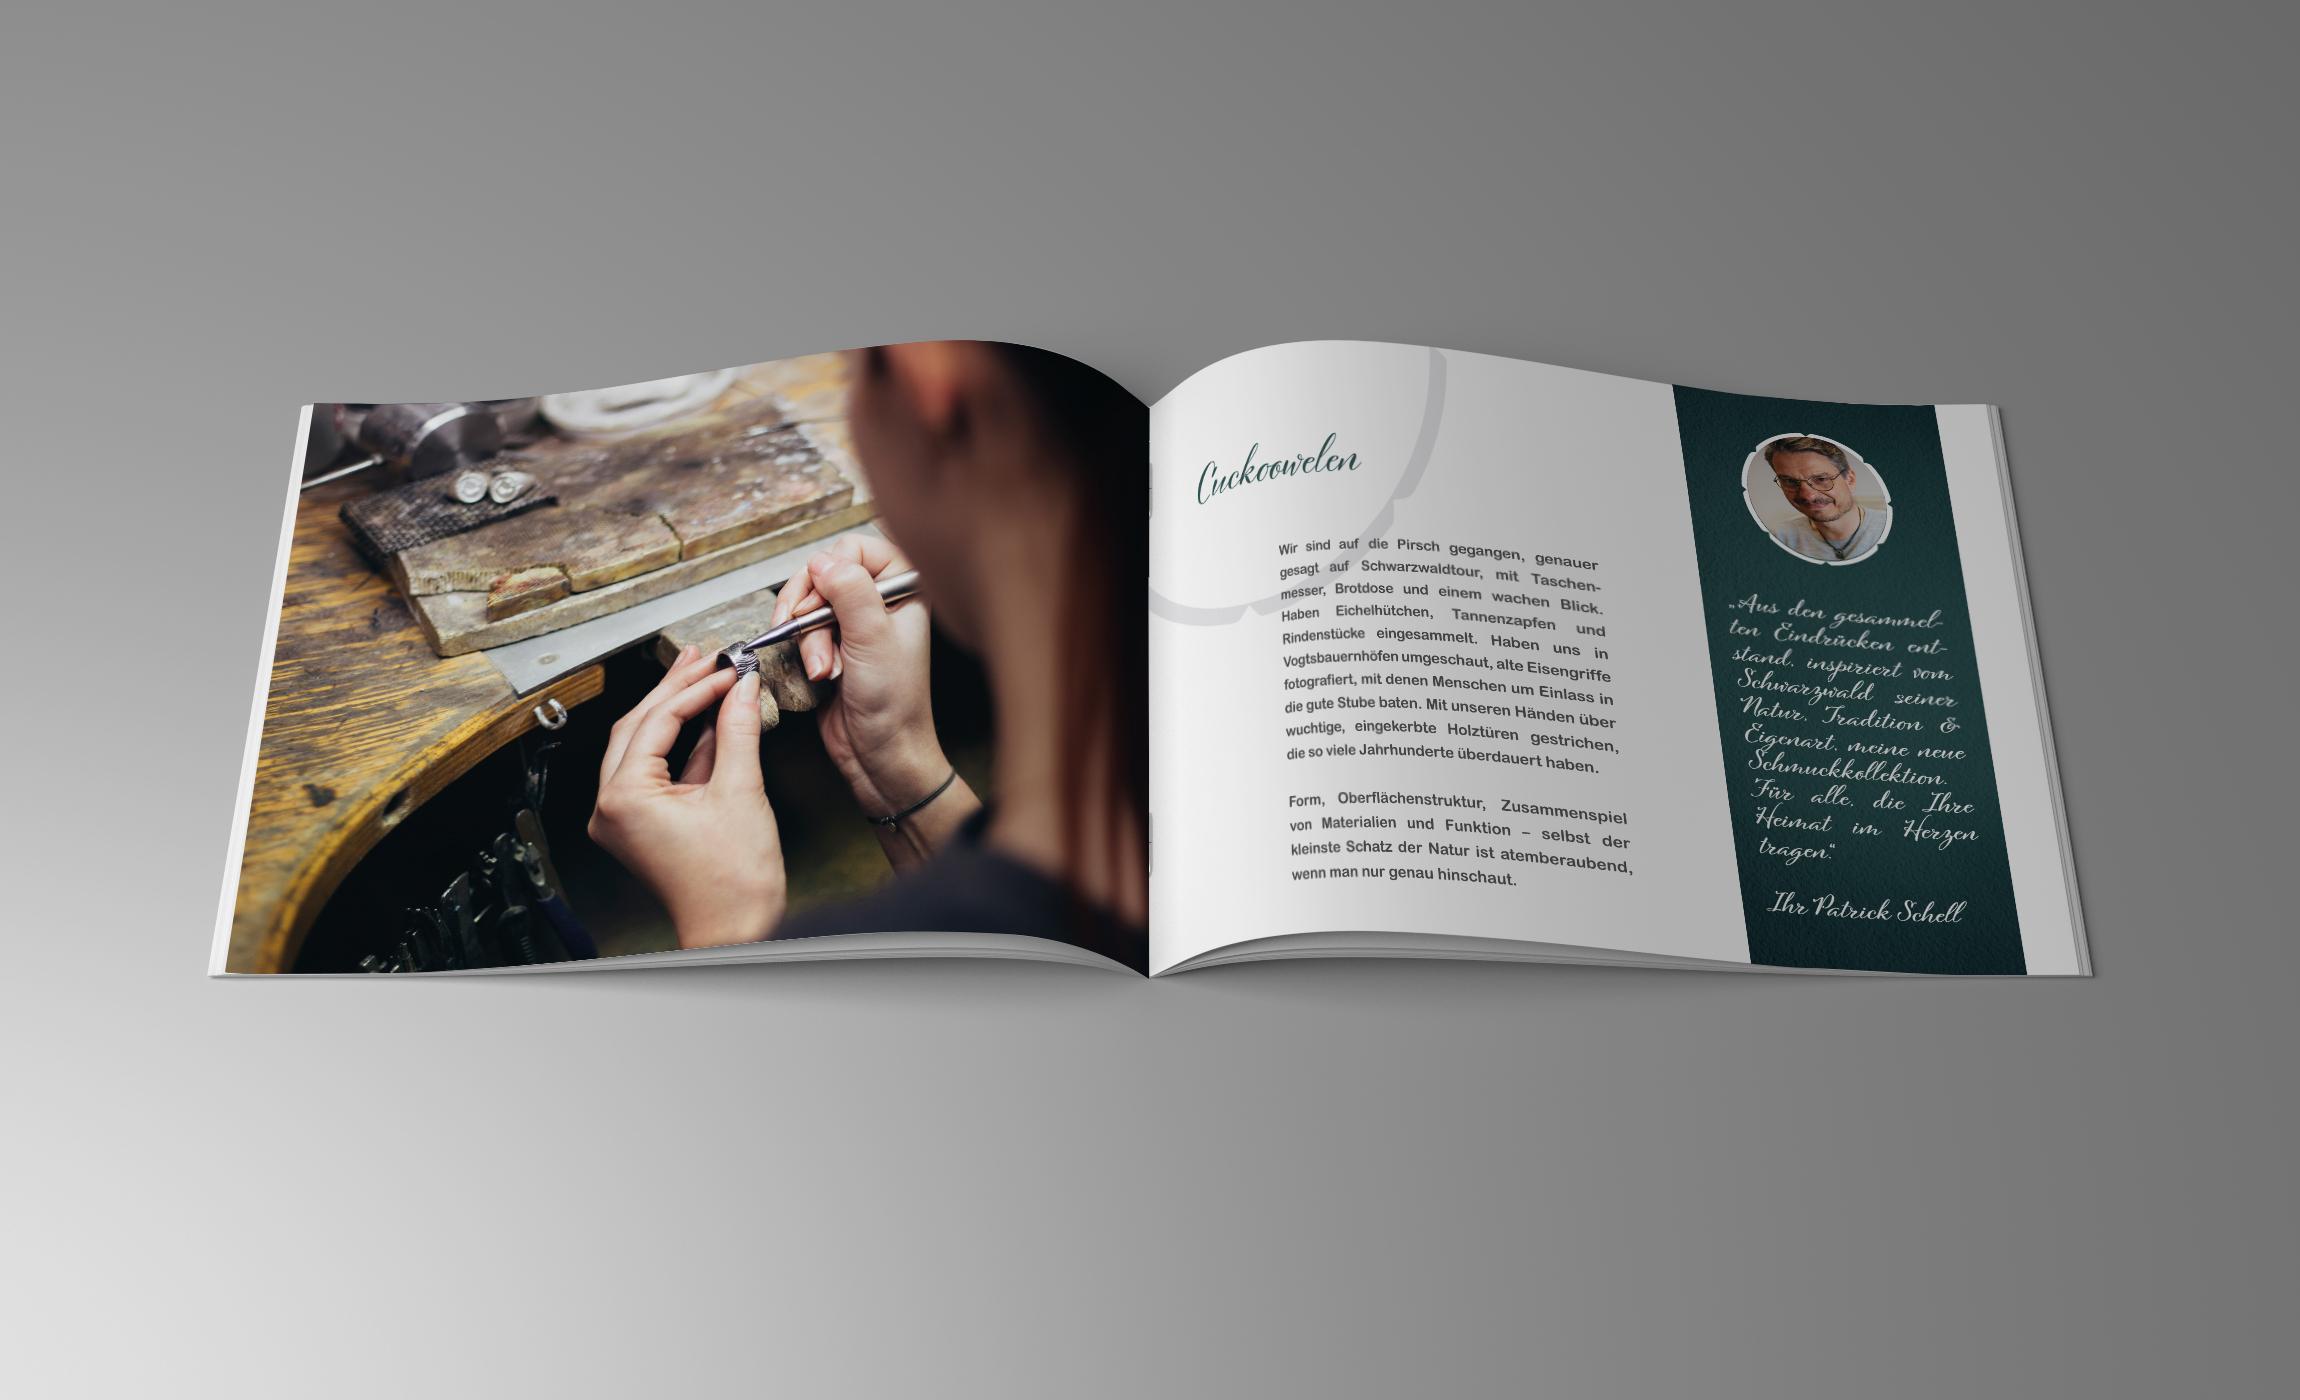 cuckoo_Mock-up_Brochure_A5_2.jpg